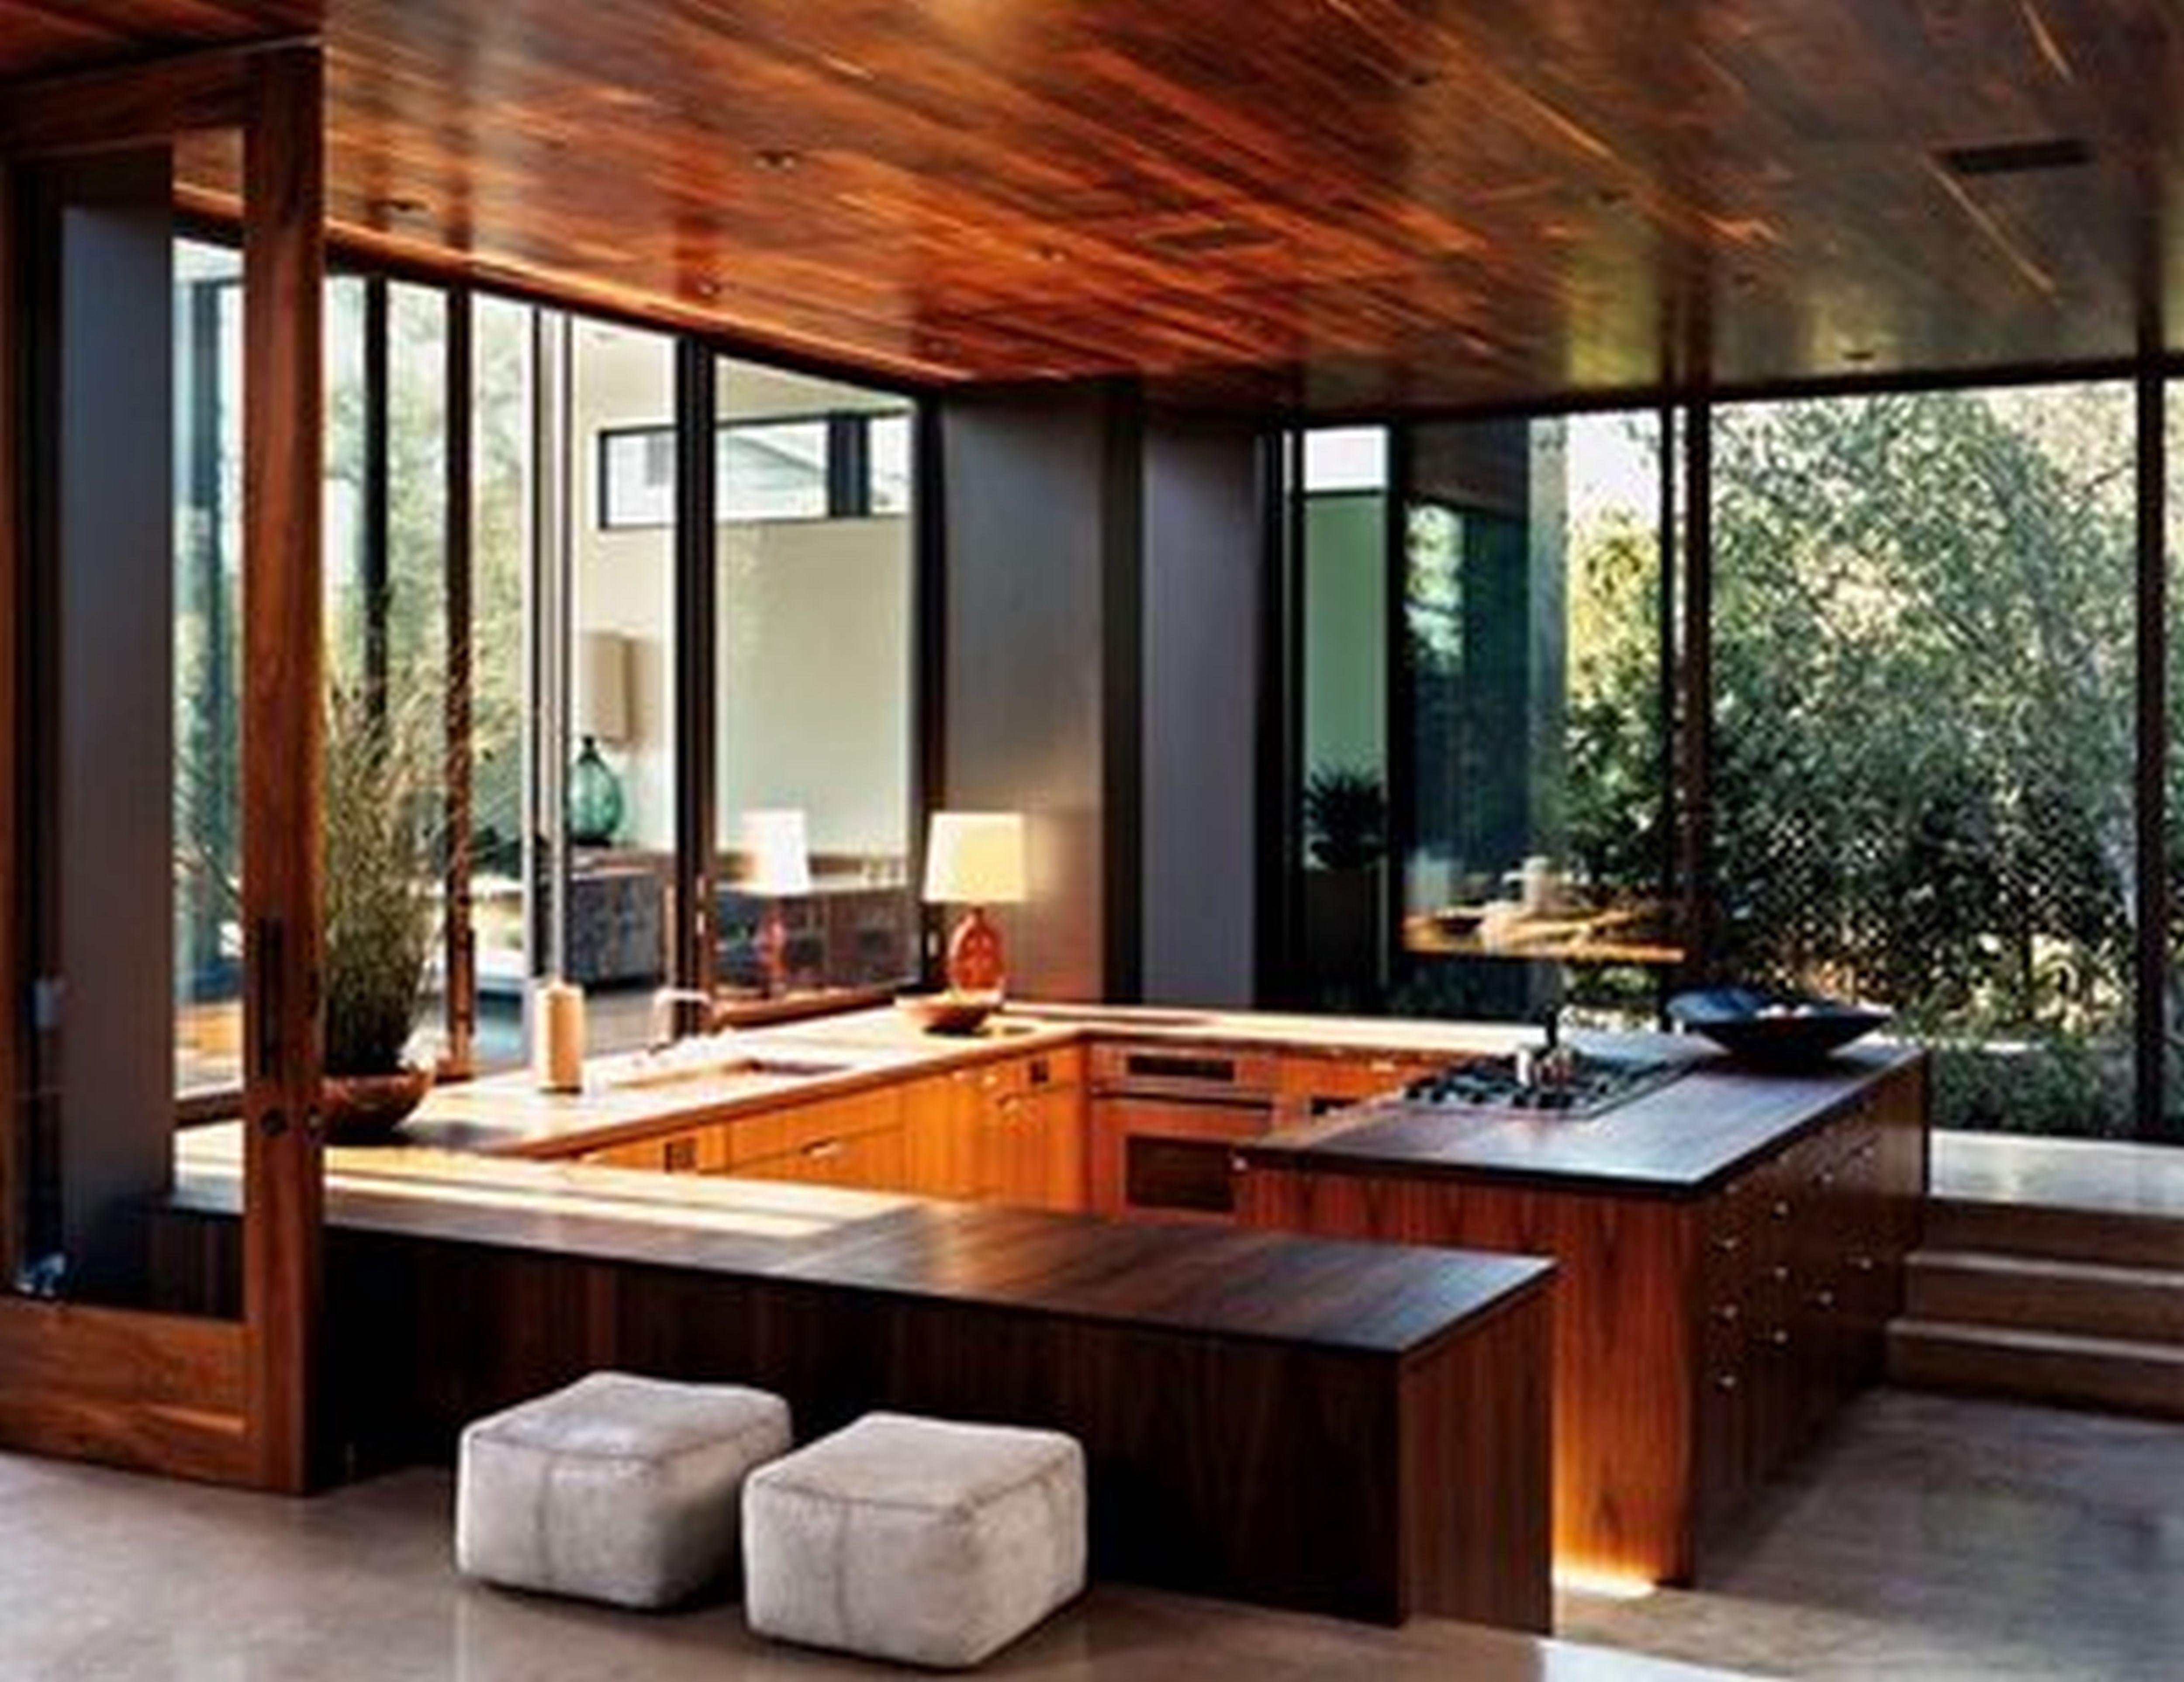 breathtaking mid century modern kitchen design. BEST Fresh Mid Century Modern Home Architects  5873 Dreamhouse